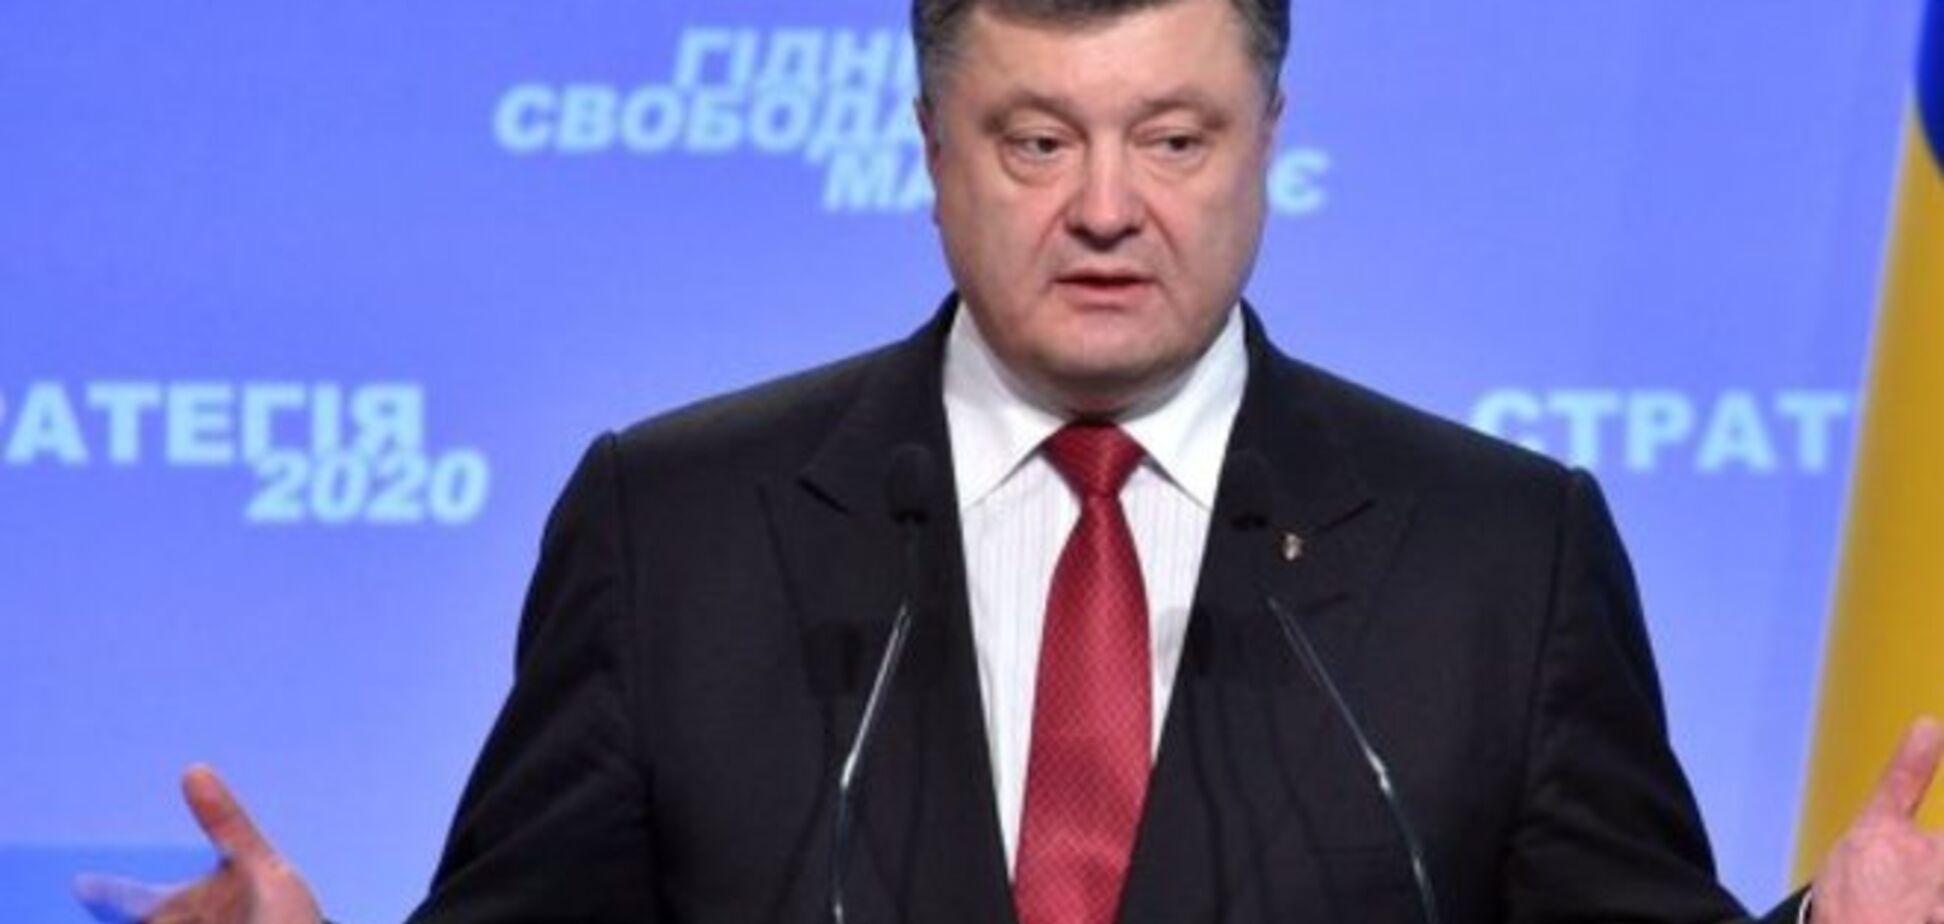 Встреча Путин-Порошенко завершилась: Украина и РФ не договорились по газовому вопросу